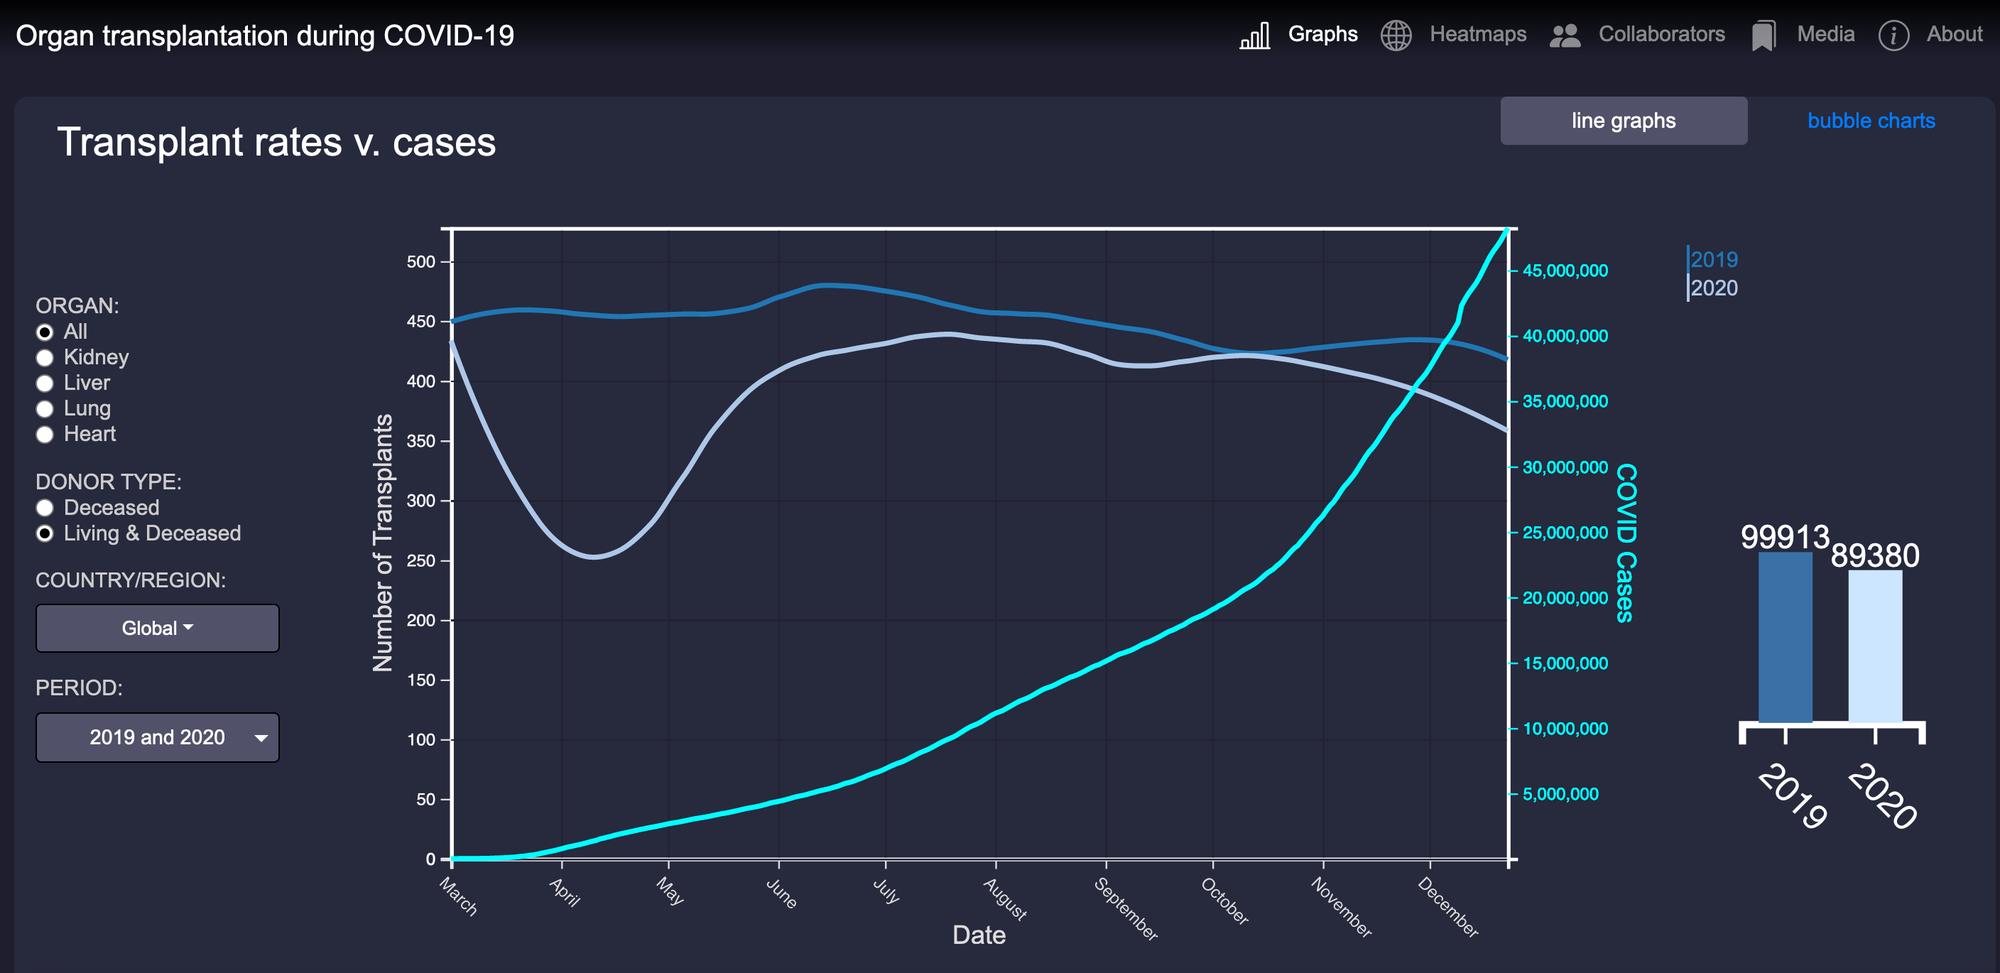 Die Zahl der Organtransplantationen ist während der ersten Corona-Welle in 2020 stark gesunken, wie die Grafik auf der Website covidtransplants.org zeigt.